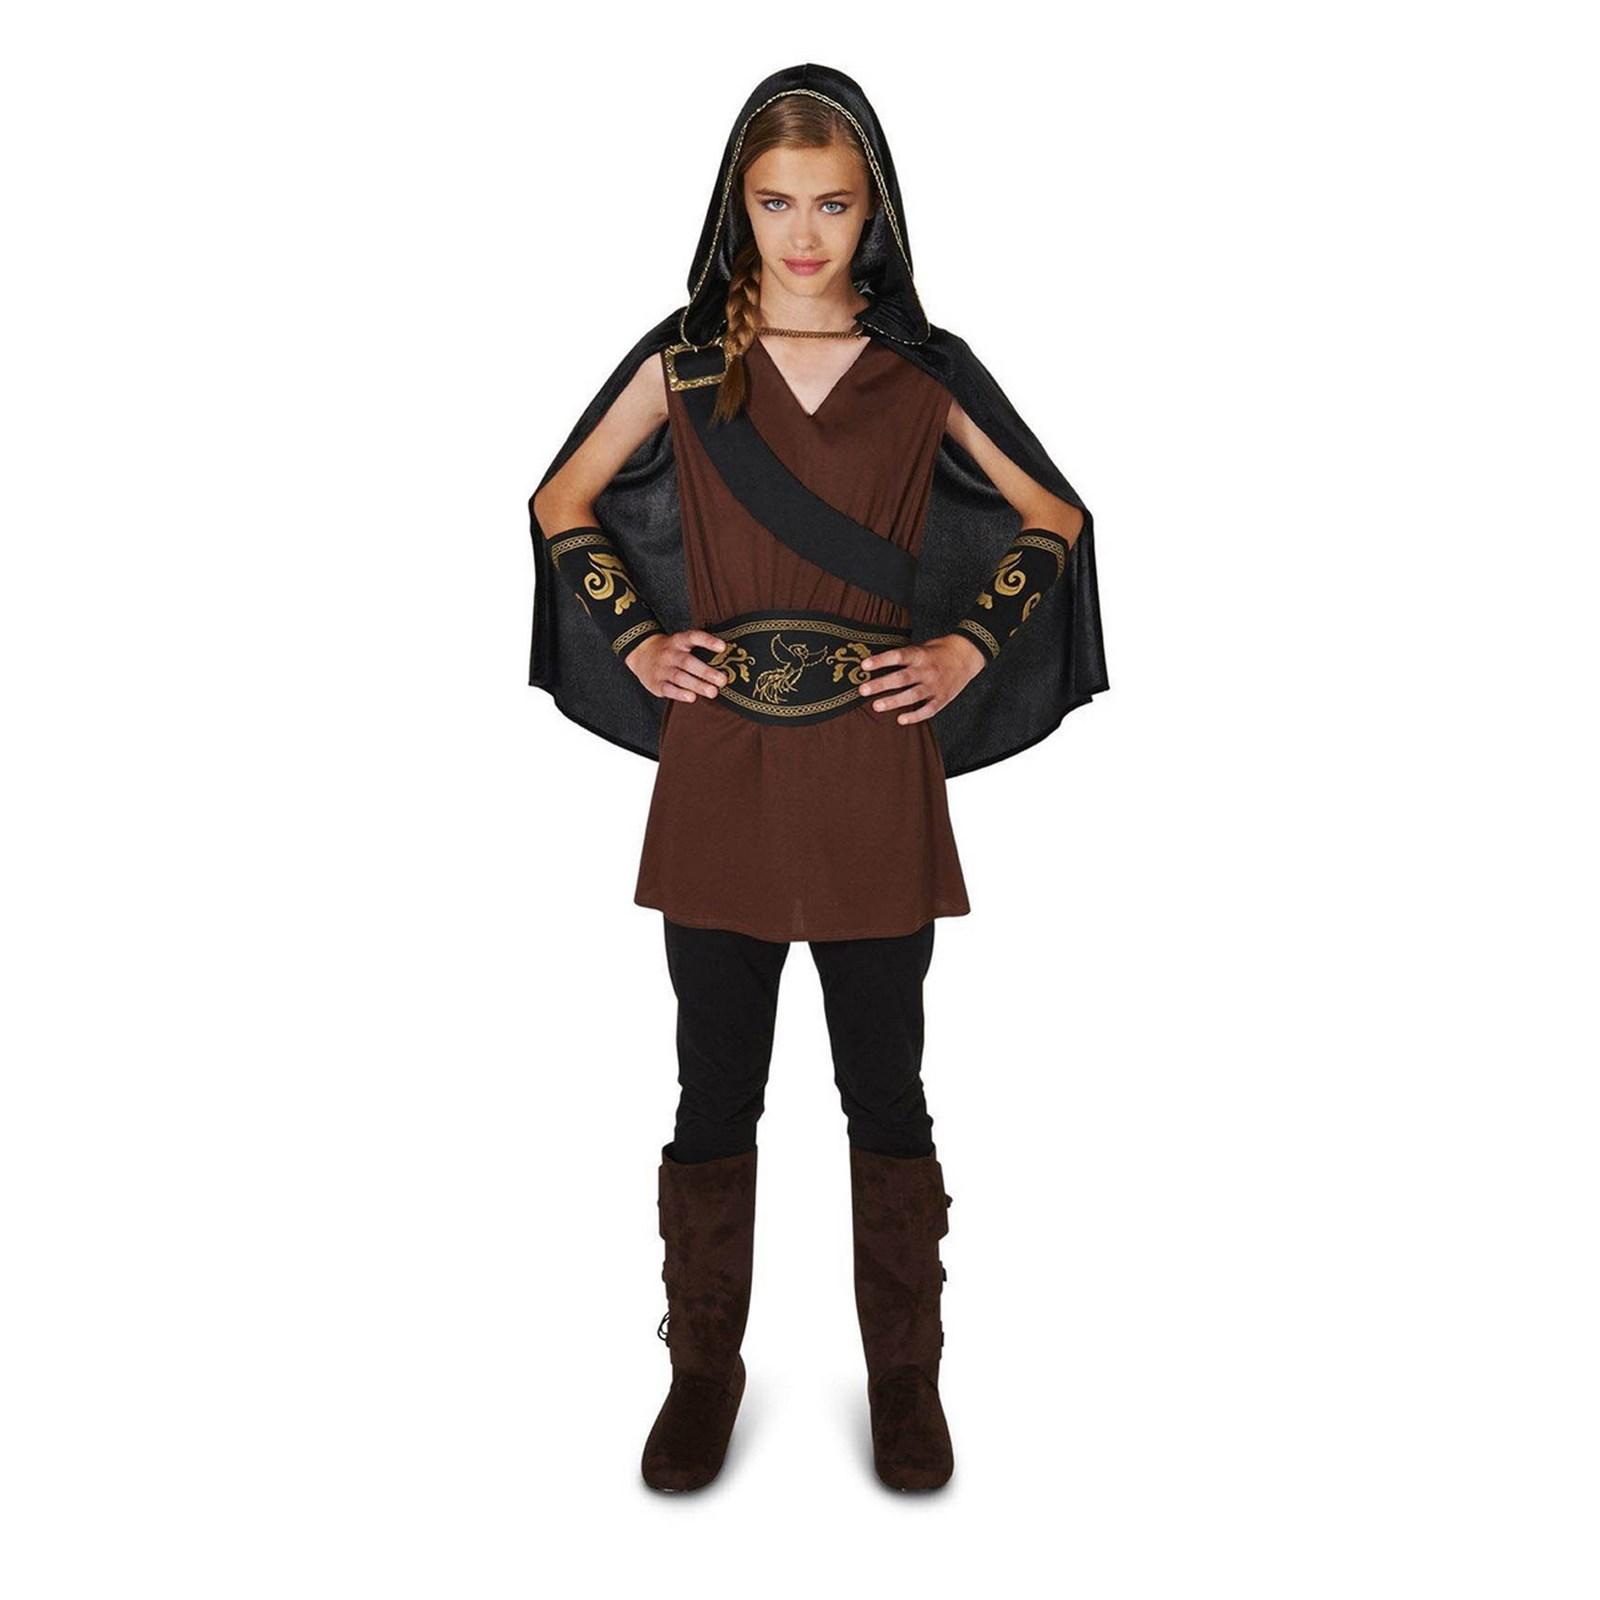 Tween Halloween Costumes Ideas